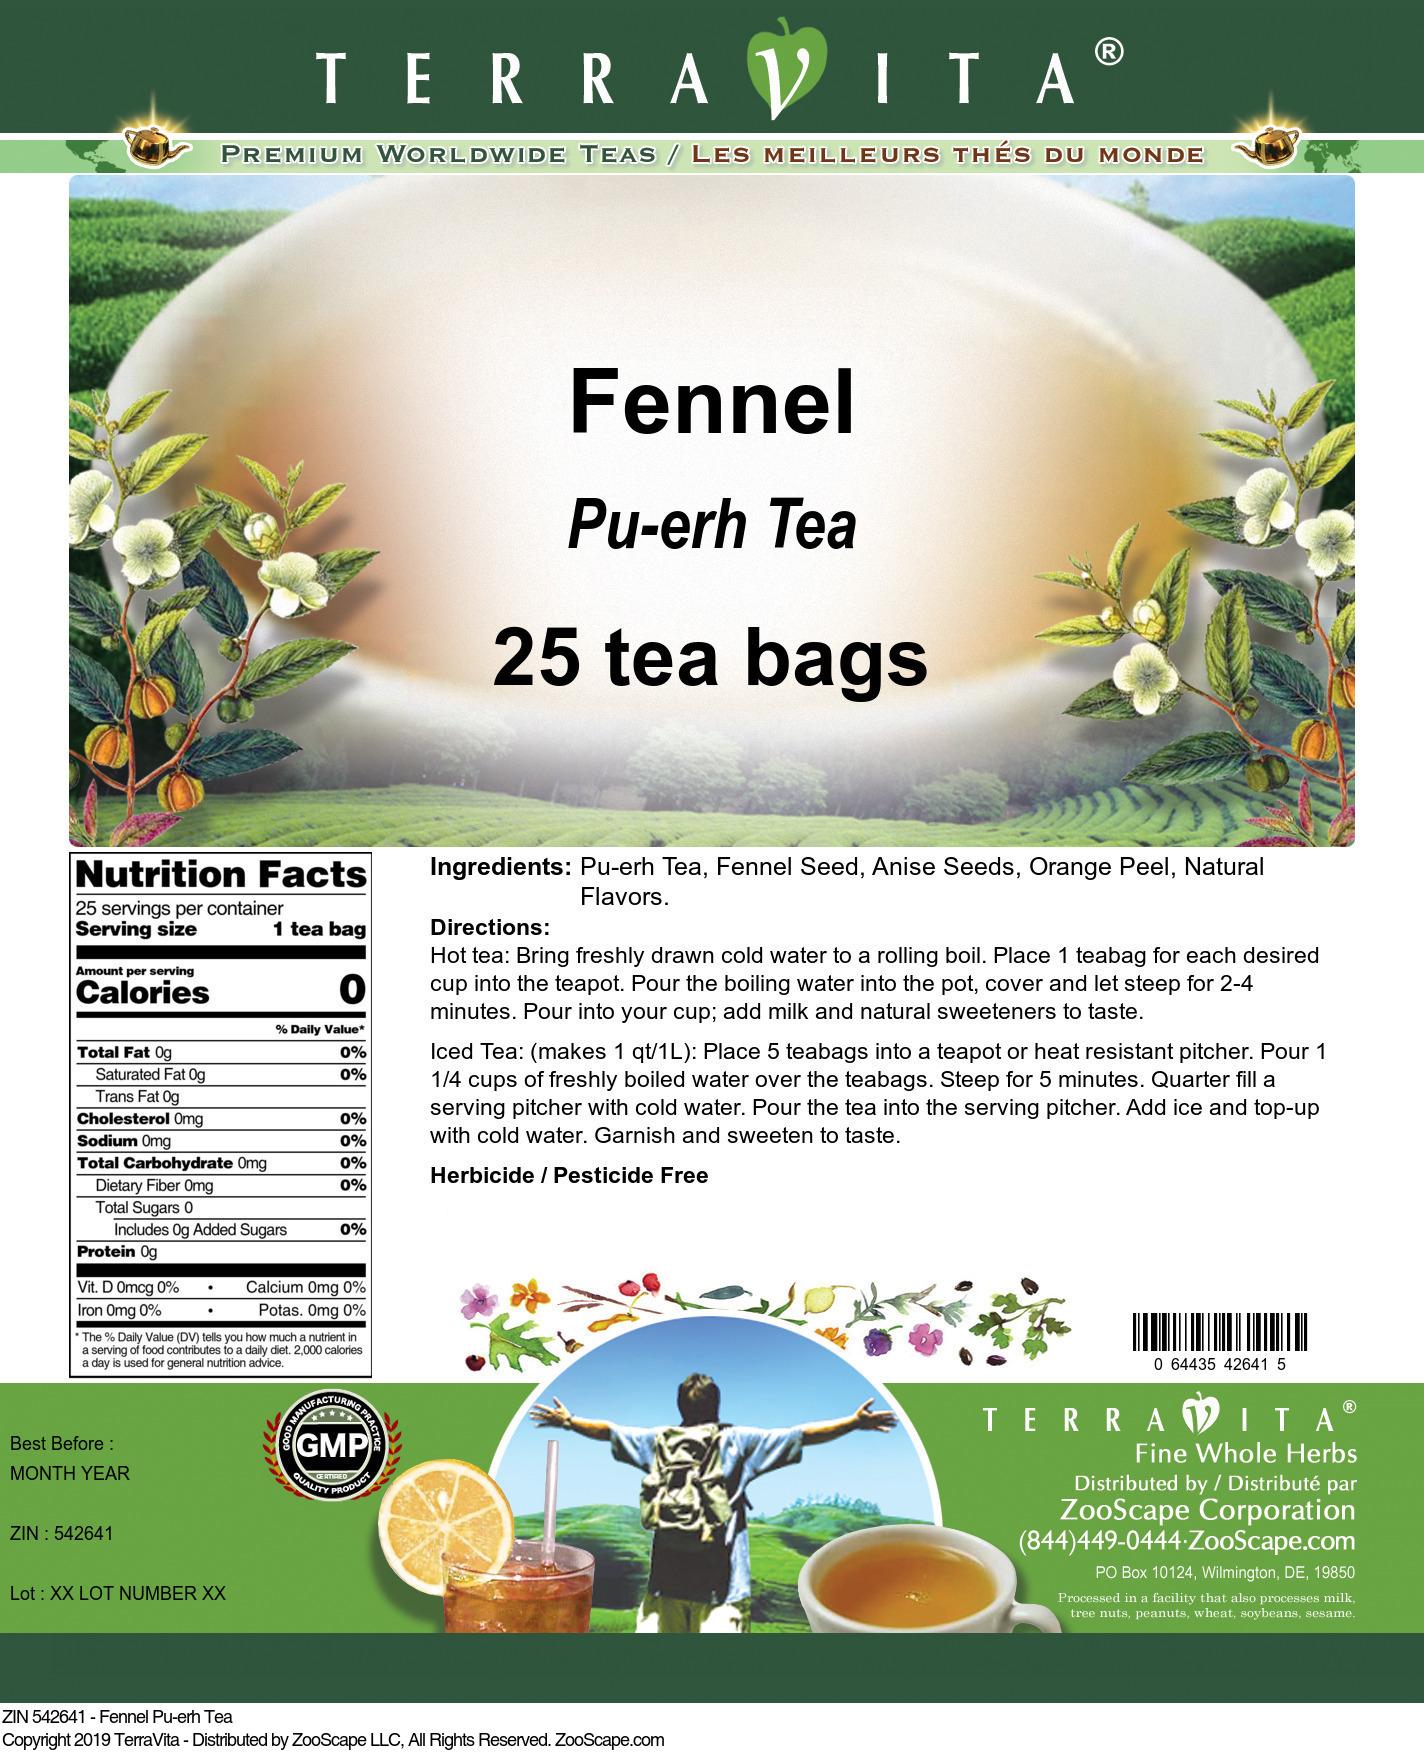 Fennel Pu-erh Tea